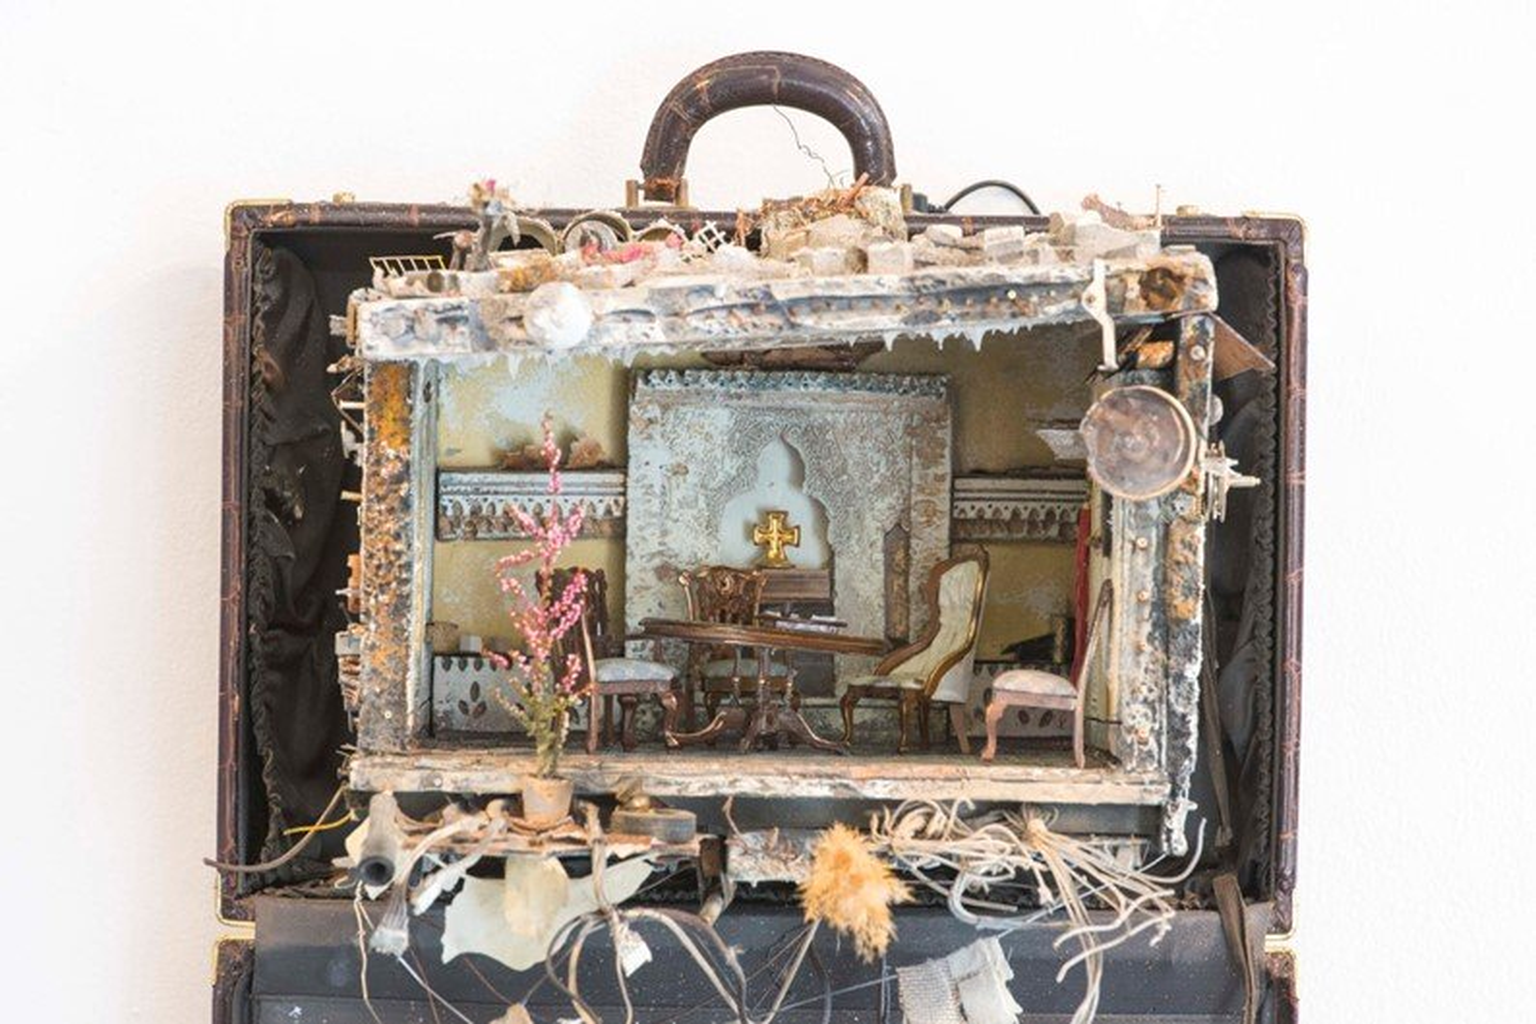 Artista sírio cria instalações em miniatura para falar sobre refugiados